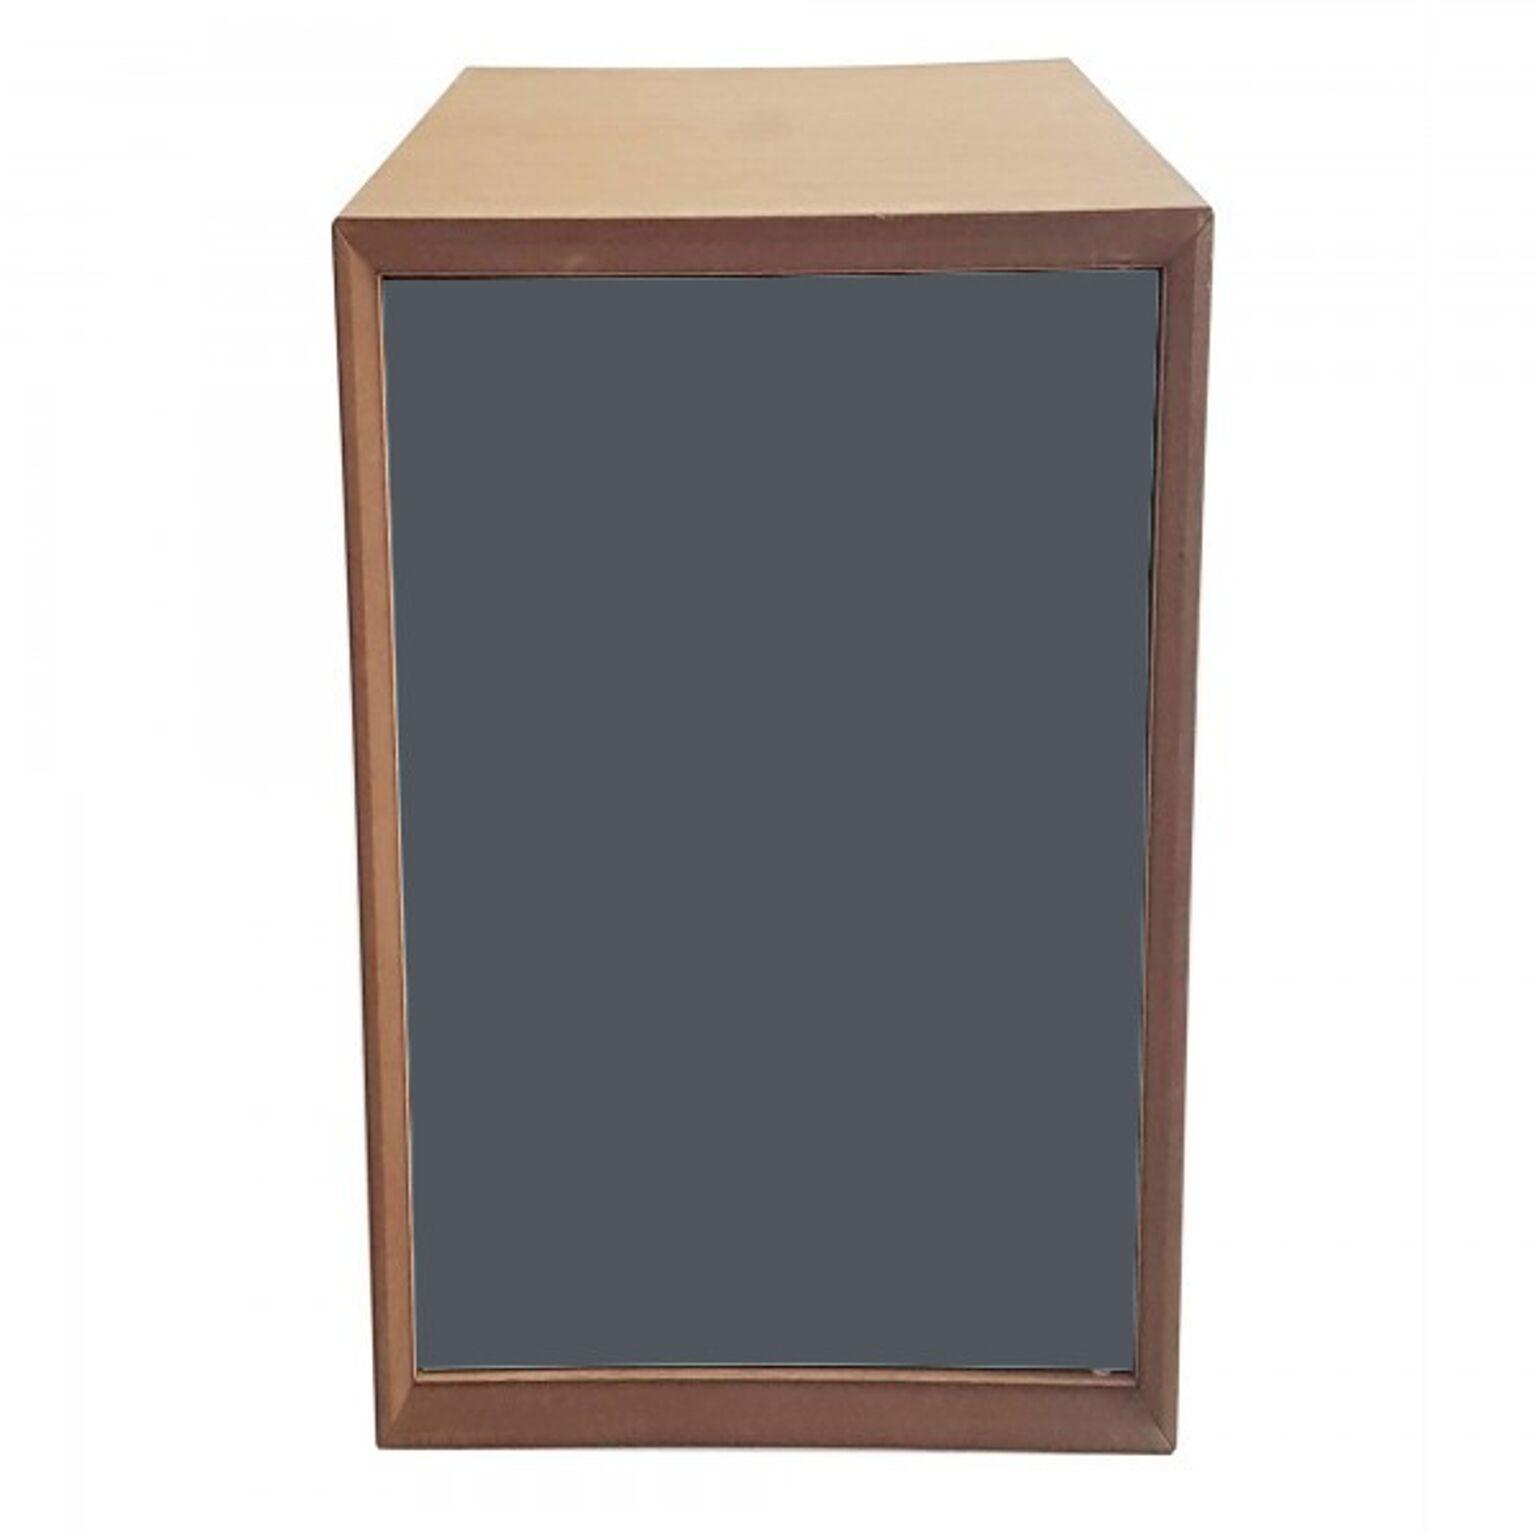 Dulap modular Pixel Graphite / Wooden, l40xA40xH80 cm